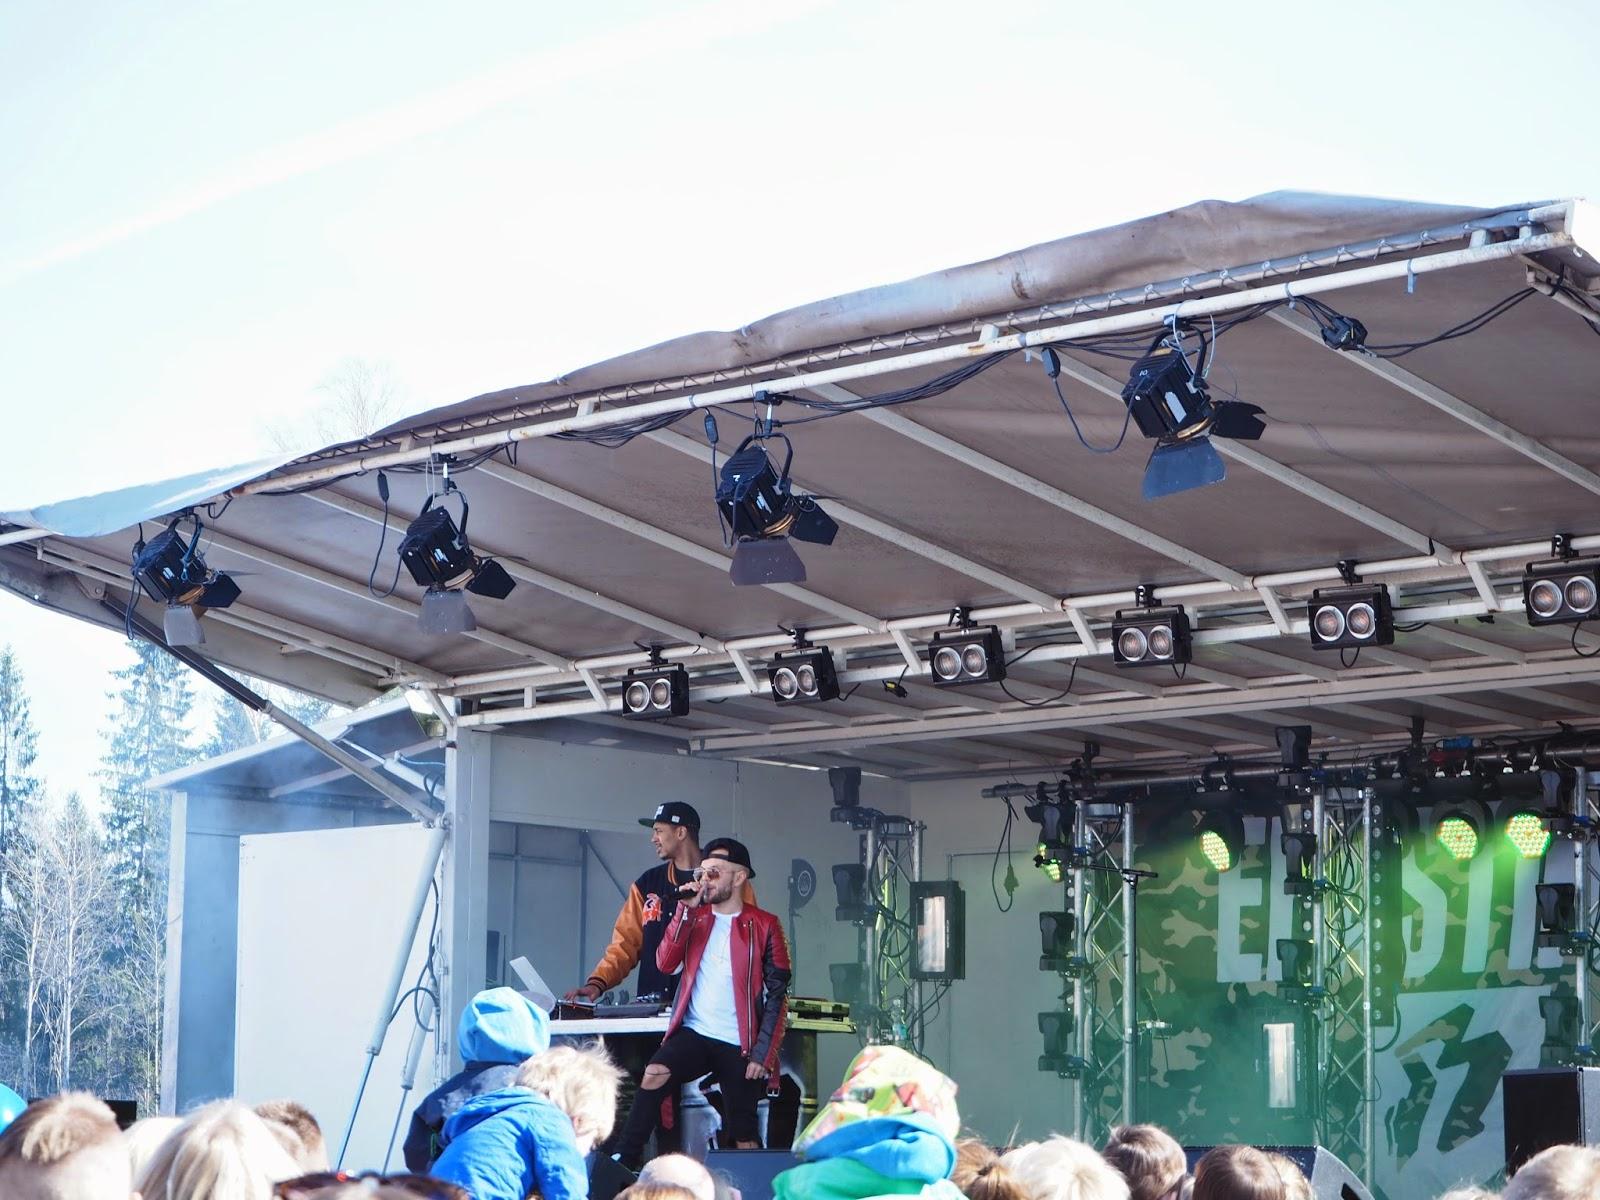 dani, uniikki, räppi, rap, artist, suomi, rähinä, rähinä records, musiikki, music, keikka, gig, kannelmäki, kaari, kaaren katto, suomi,